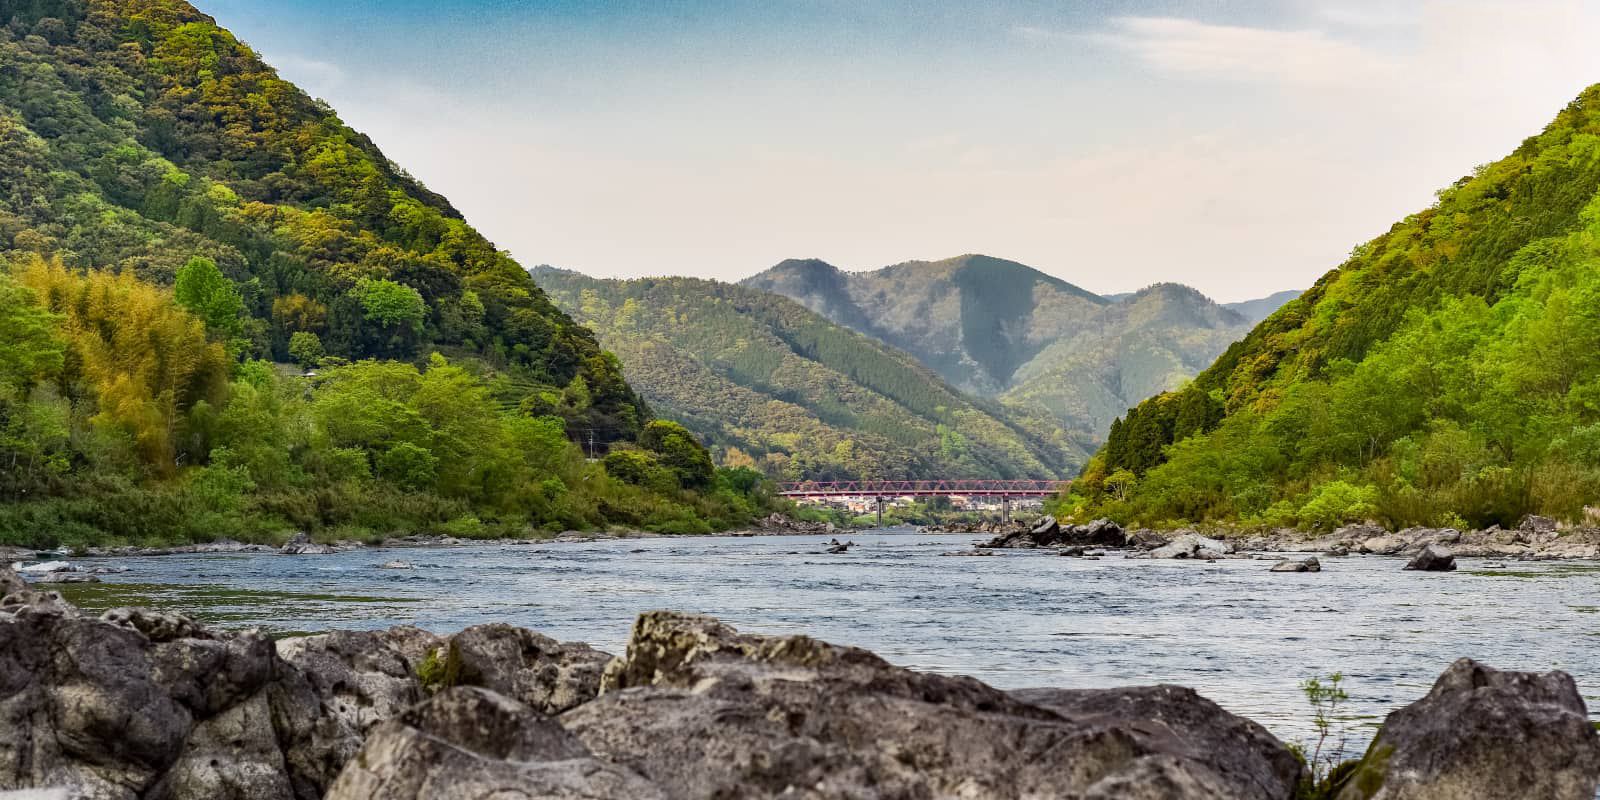 """แม่น้ำชิมันโตะ (Shimanto River)"""" ในจังหวัดโคชิ (Kochi)"""